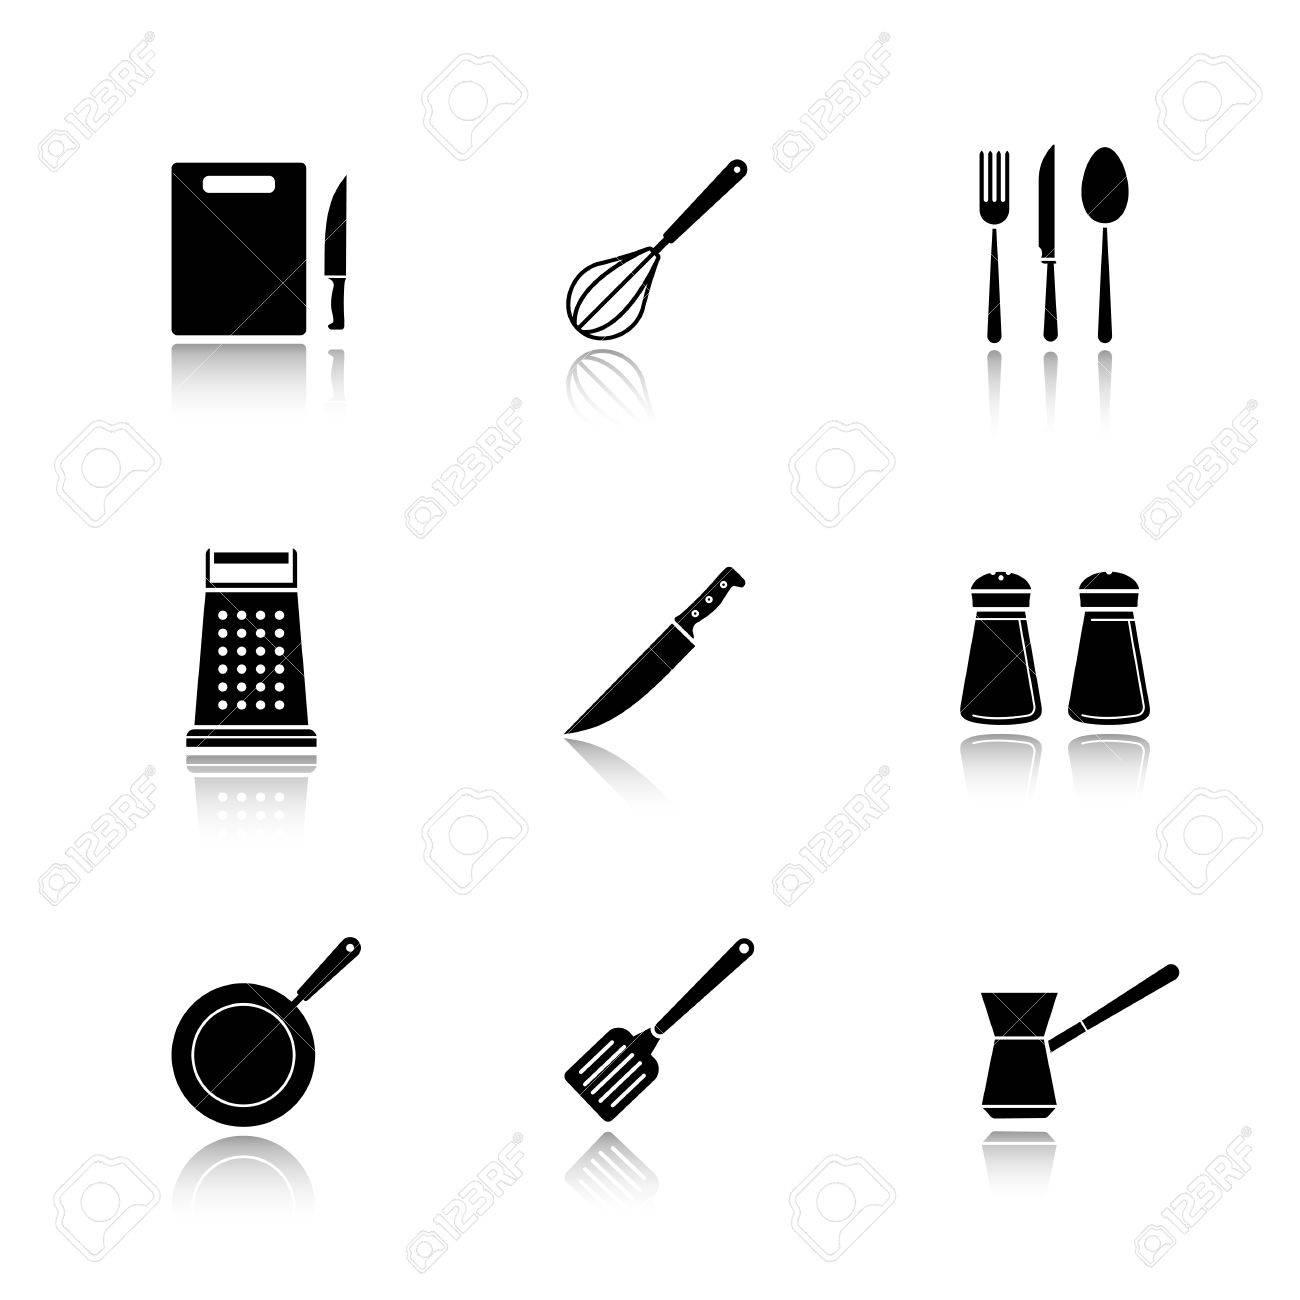 tagliere grattugia padella di ferro e spatola simboli articoli della serie utensili da cucina attrezzature da cucina strumenti di cucina concetti